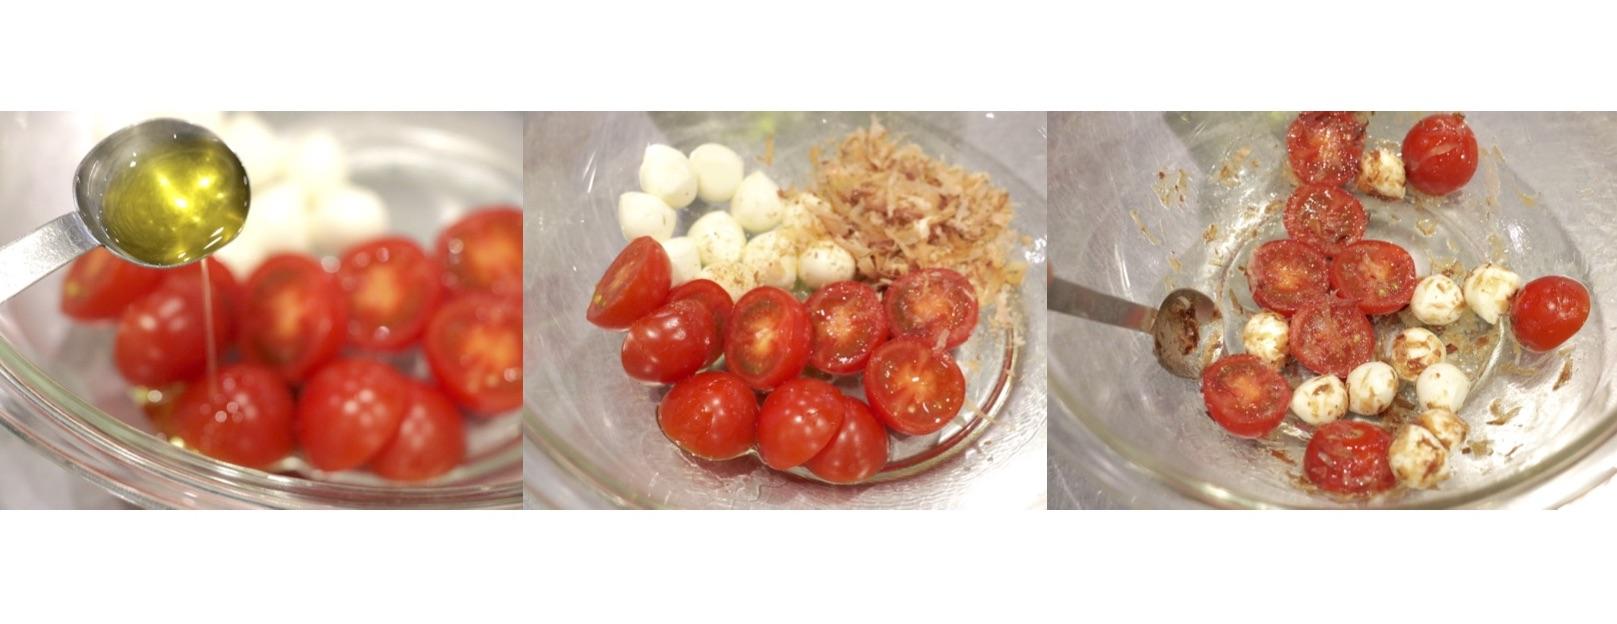 モッツアレラチーズとミニトマトその他材料をすべて和える